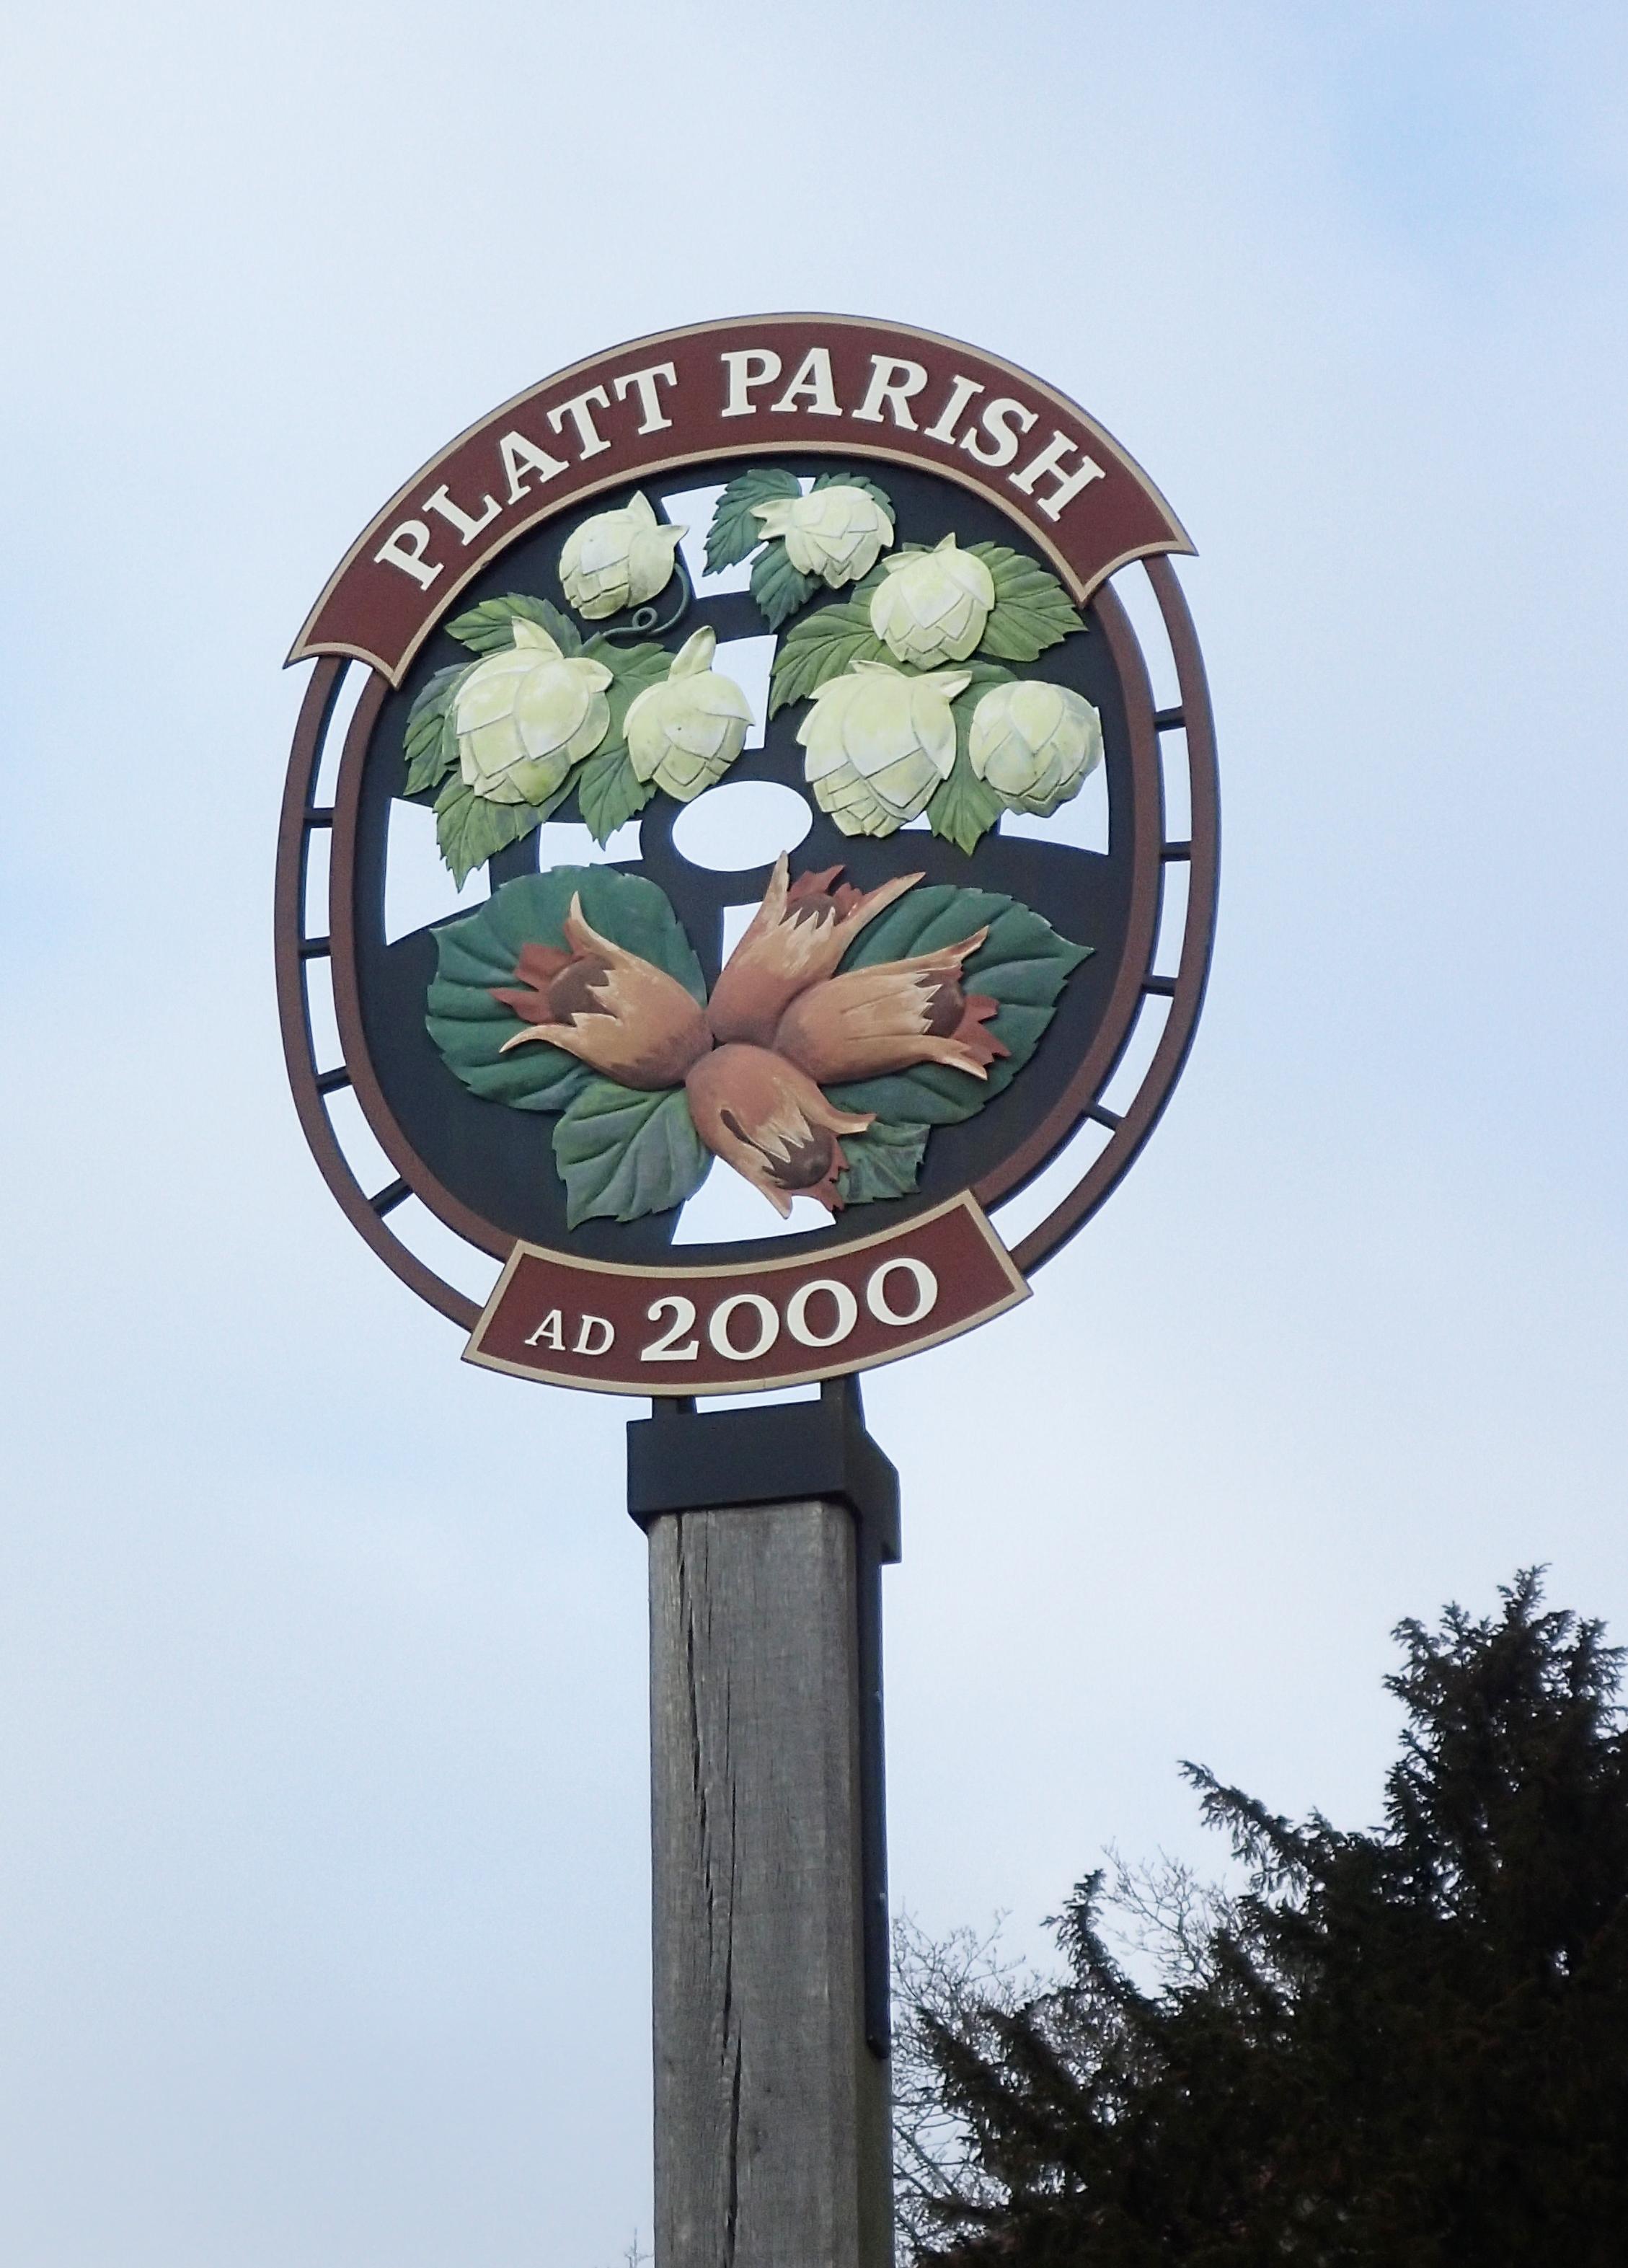 Platt Parish